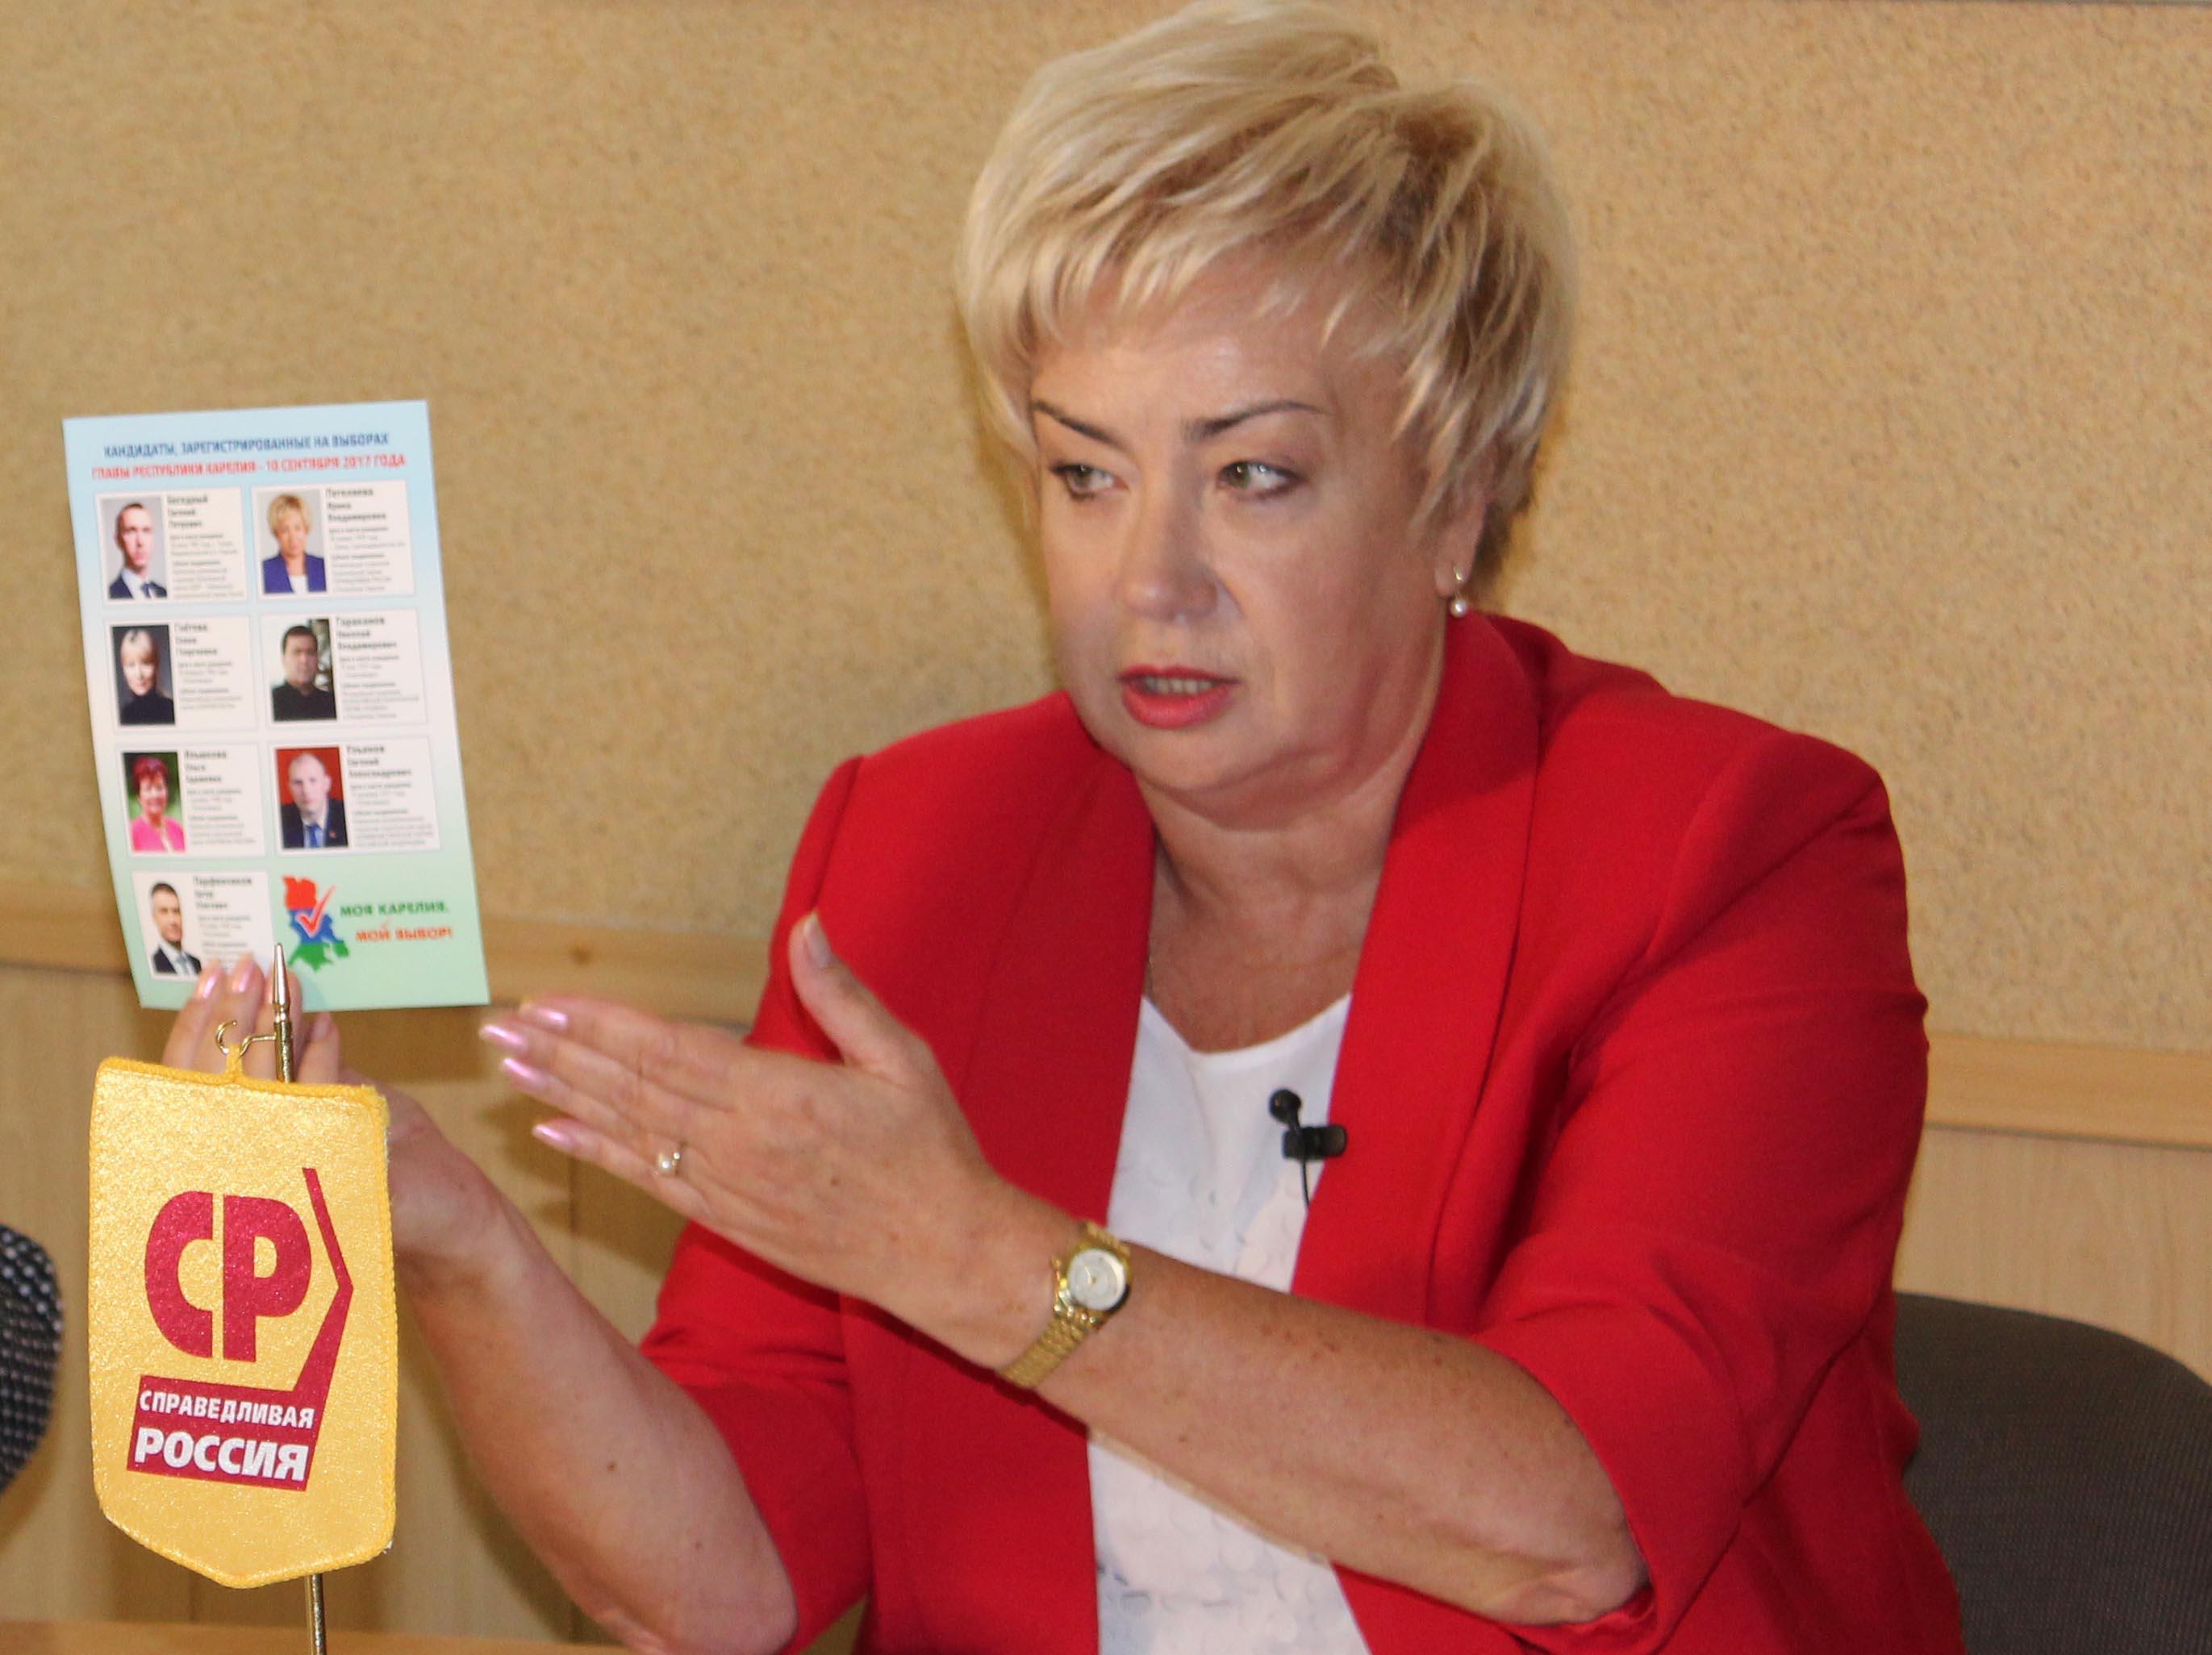 Ирина Петеляева показывает журналистам скандальную листовку. Фото: Валерий Поташов